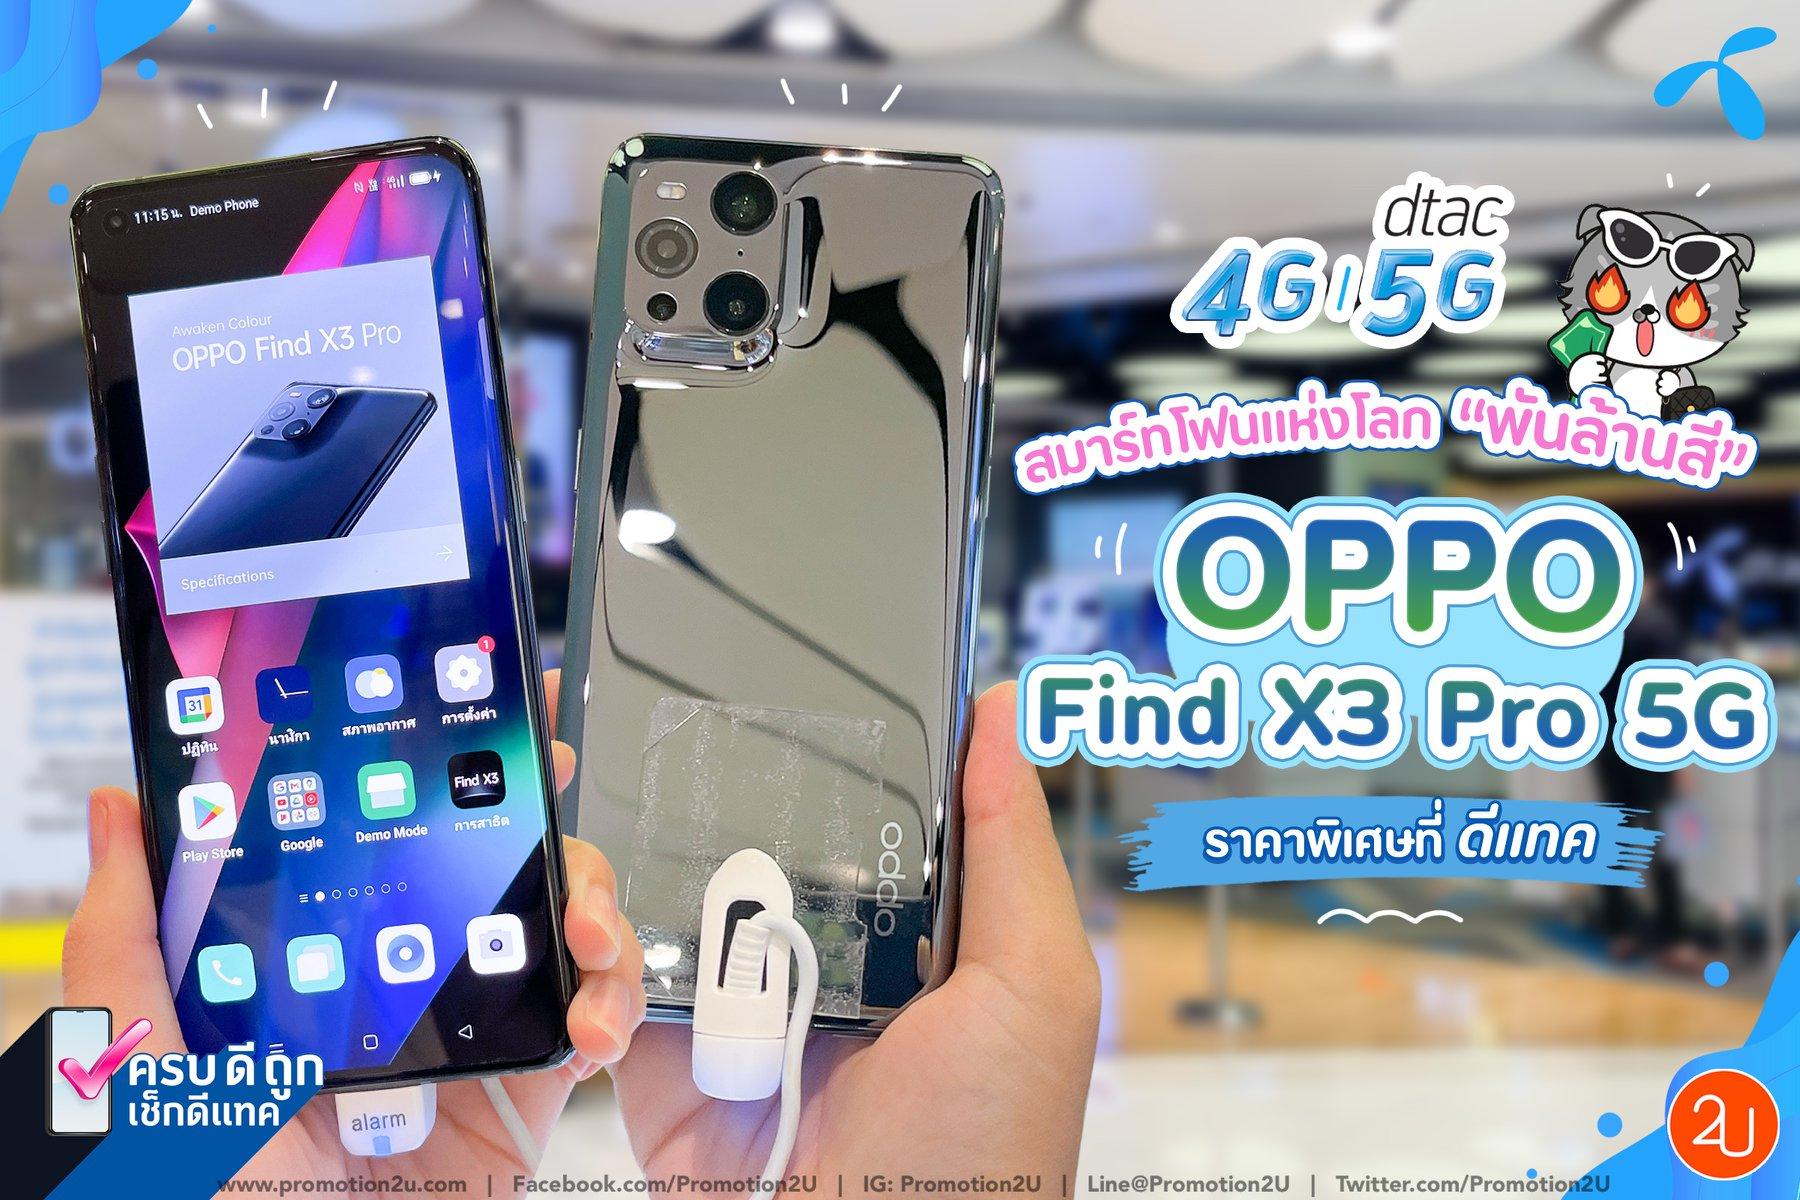 """สุดคุ้ม! ซื้อสมาร์ทโฟนแห่งโลก """"พันล้านสี"""" OPPOPro 5G Find X3 ที่ดีแทค รับสิทธิพิเศษเพียบ!"""